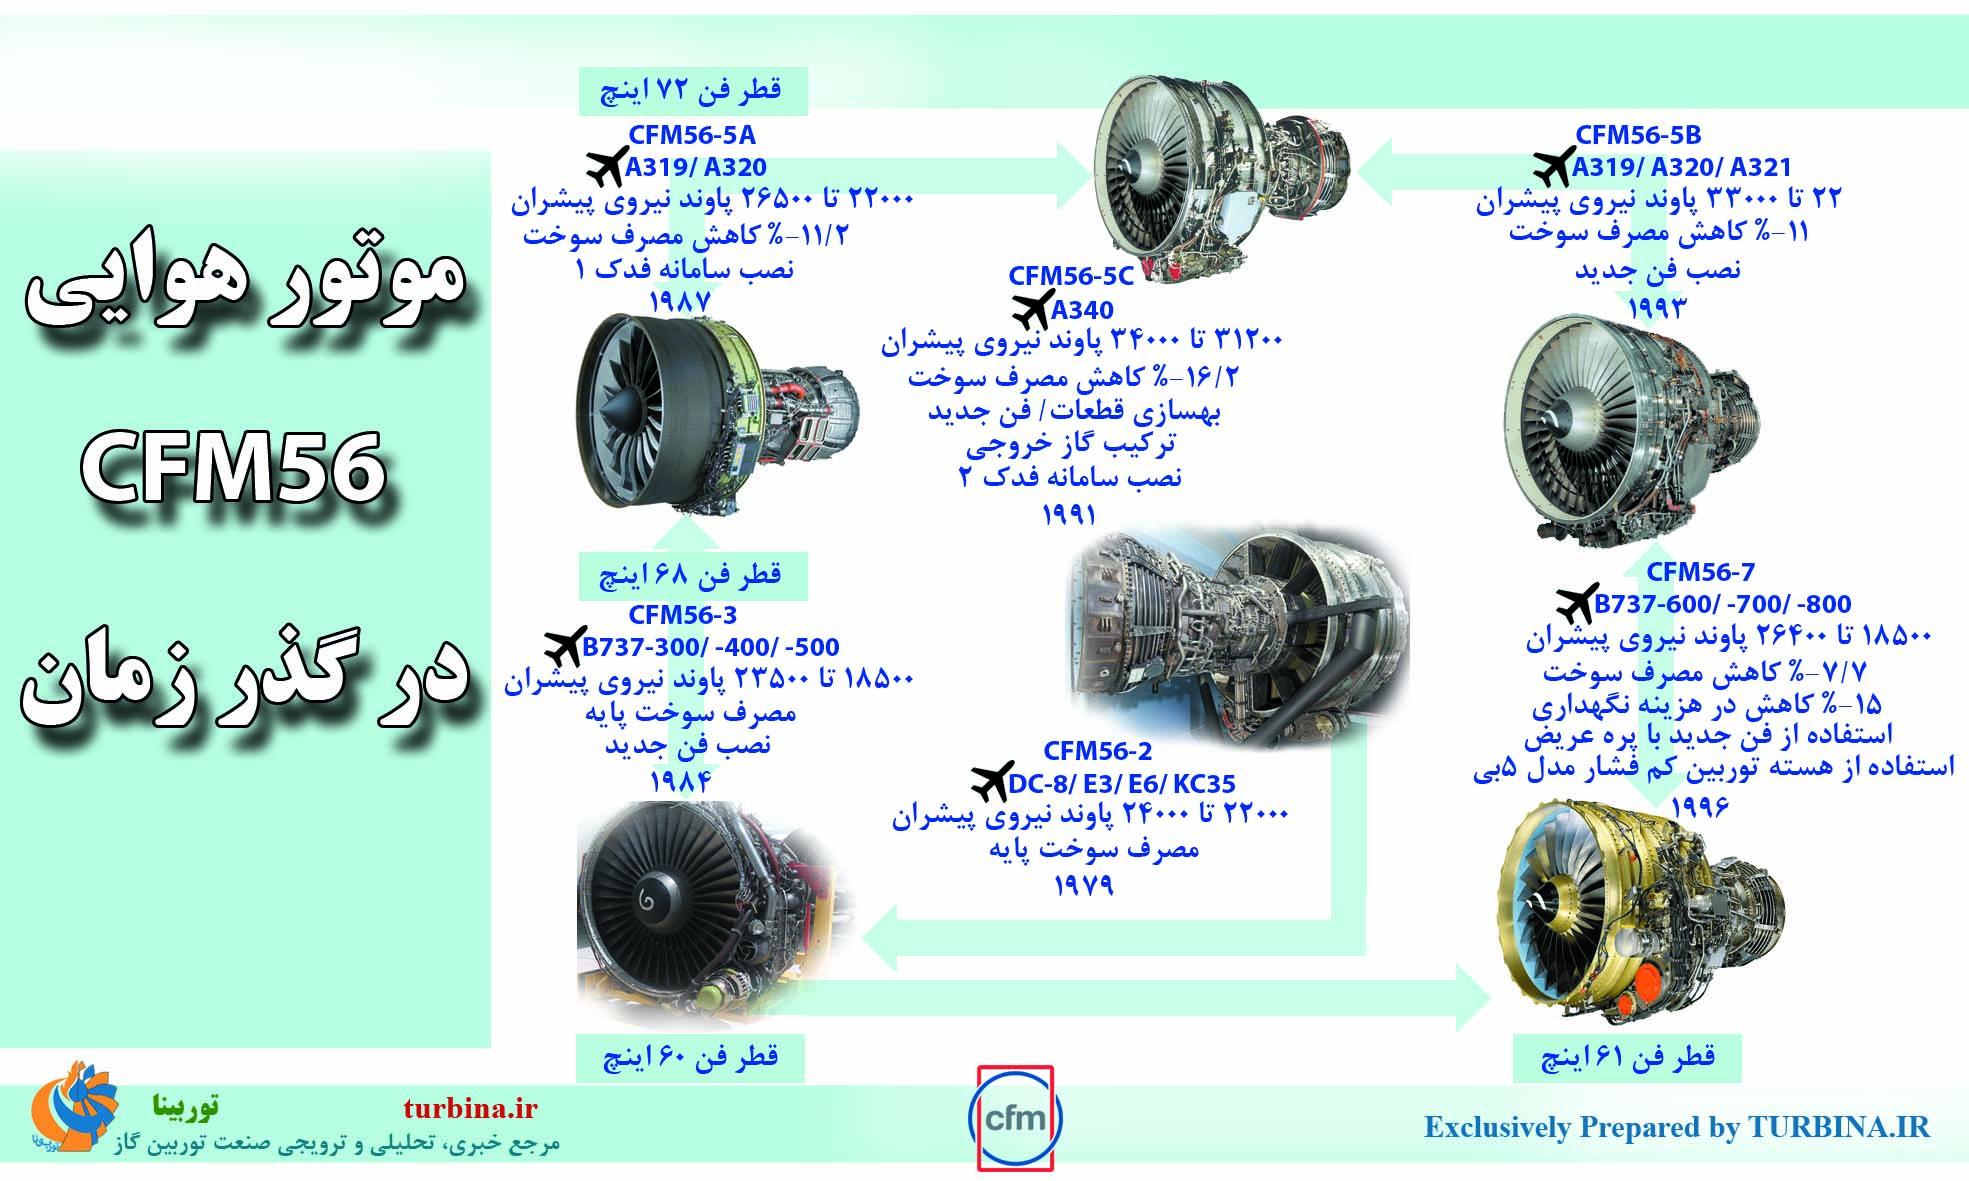 موتور هوایی CFM56 در گذر زمان